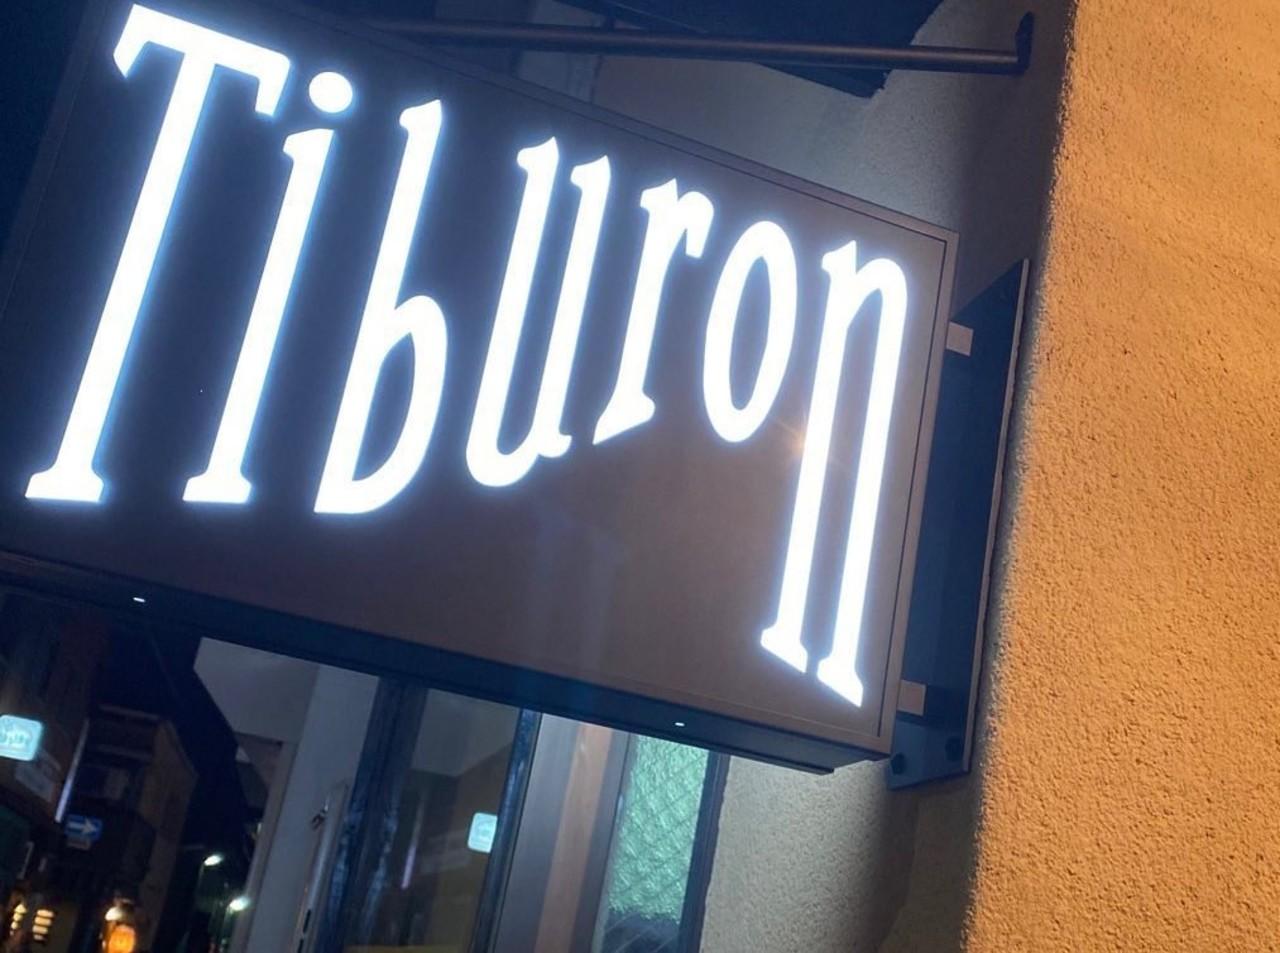 大阪市淀川区十三本町2丁目にスペインバル「ティブロン」が本日グランドオープンのようです。